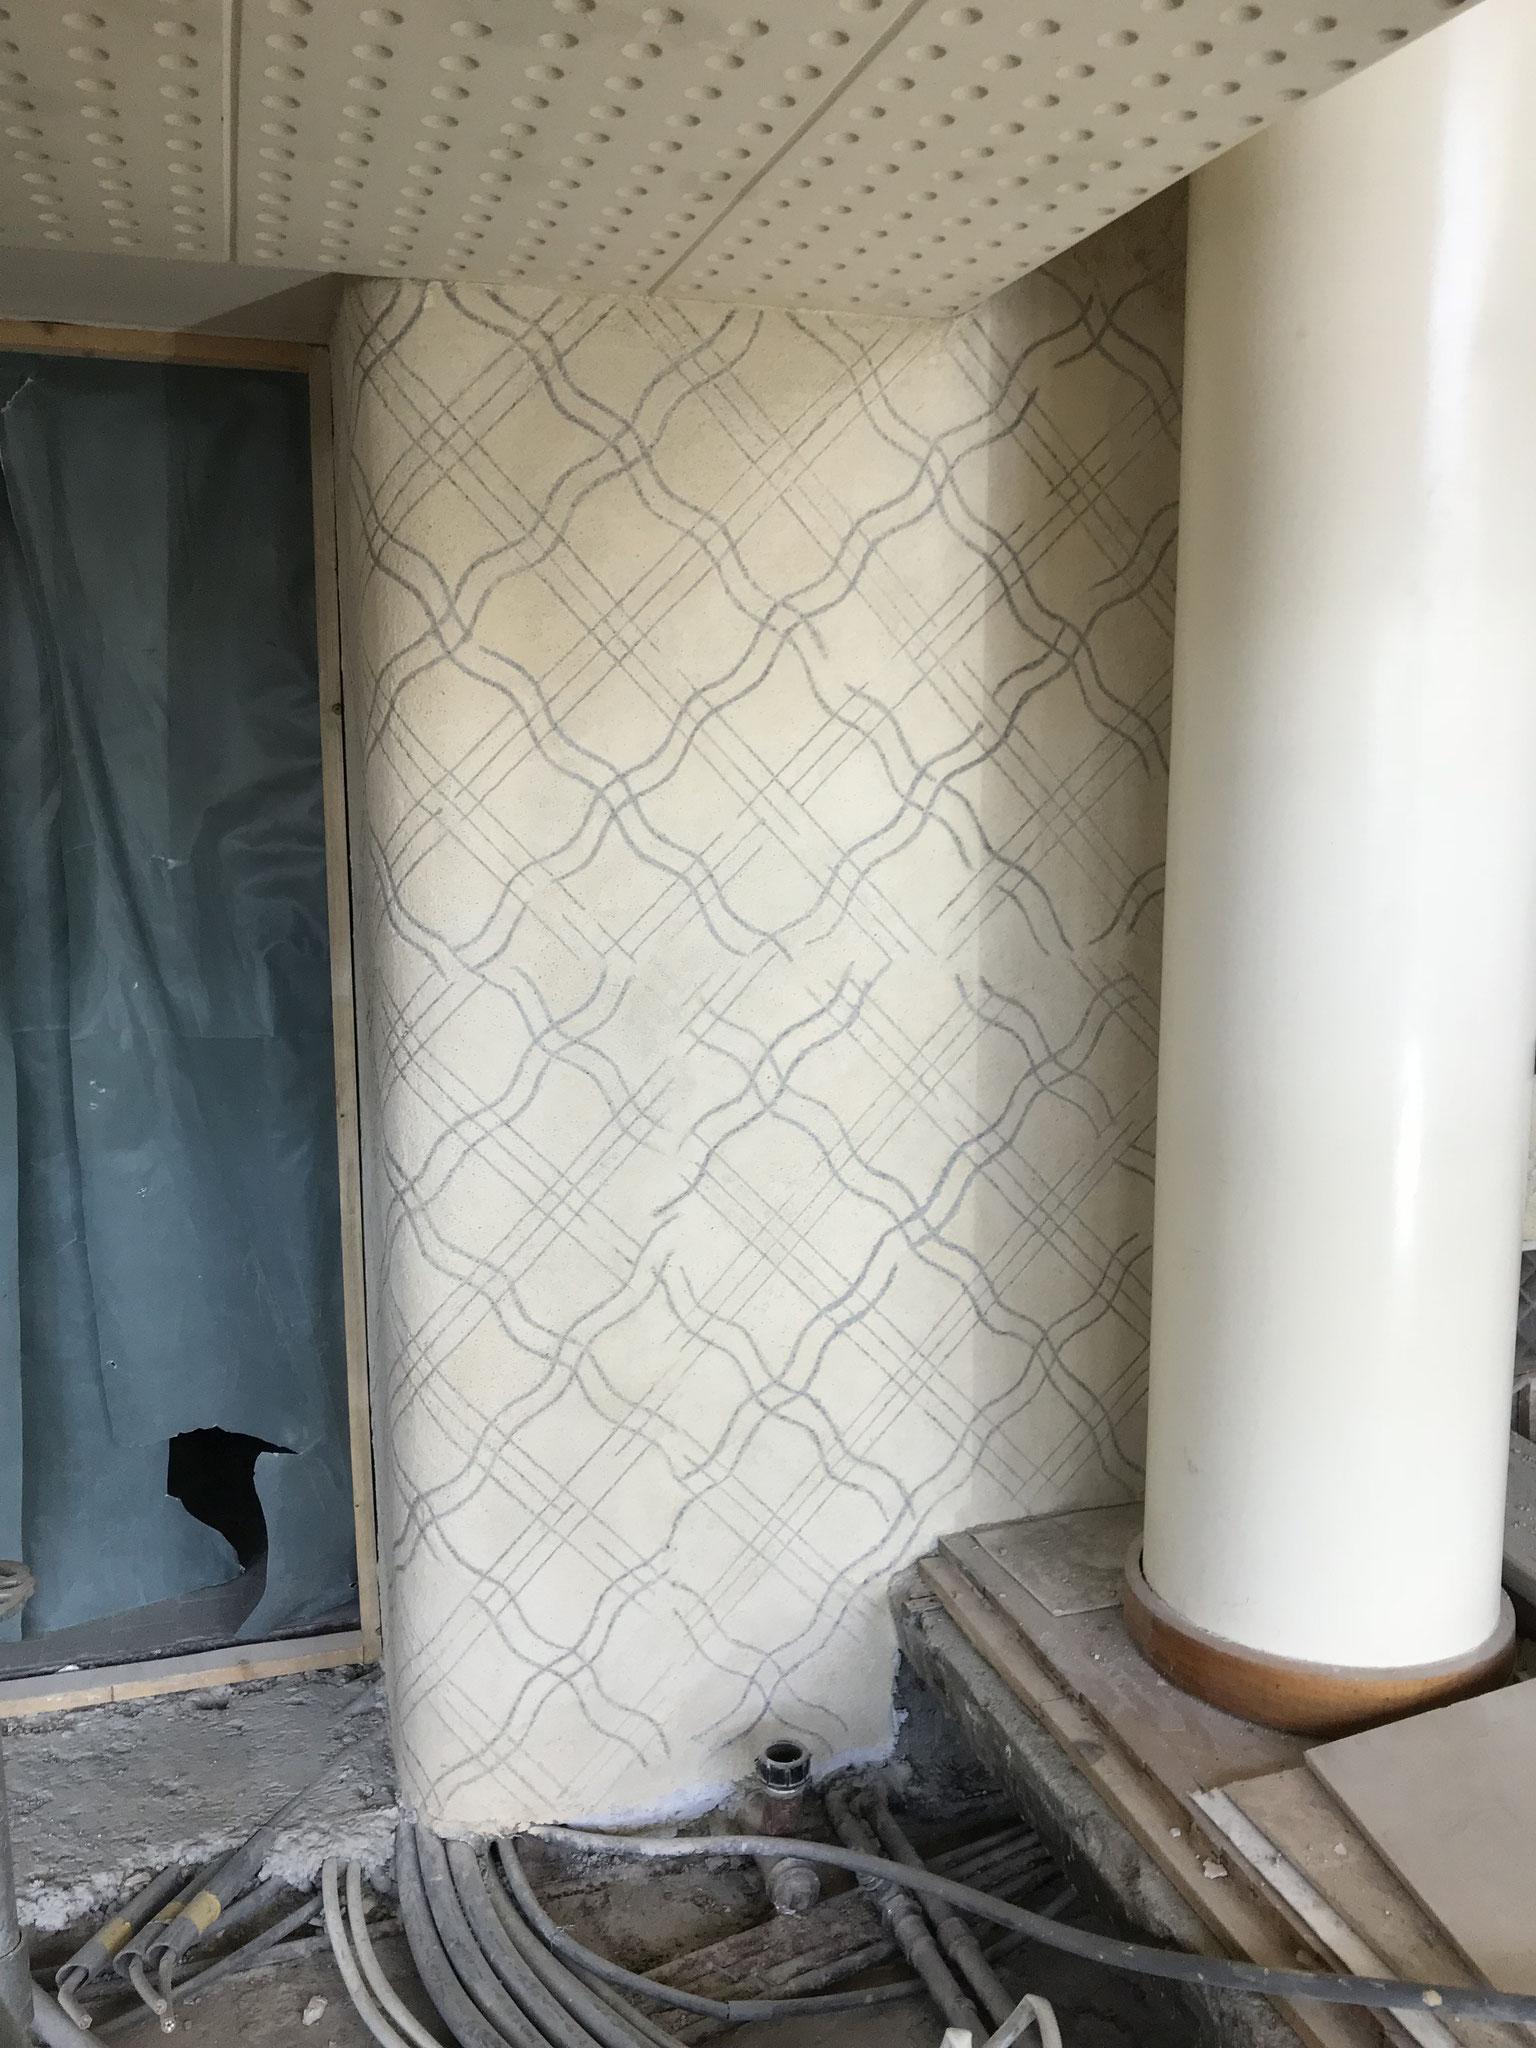 Detail Sgraffito fertig restauriert